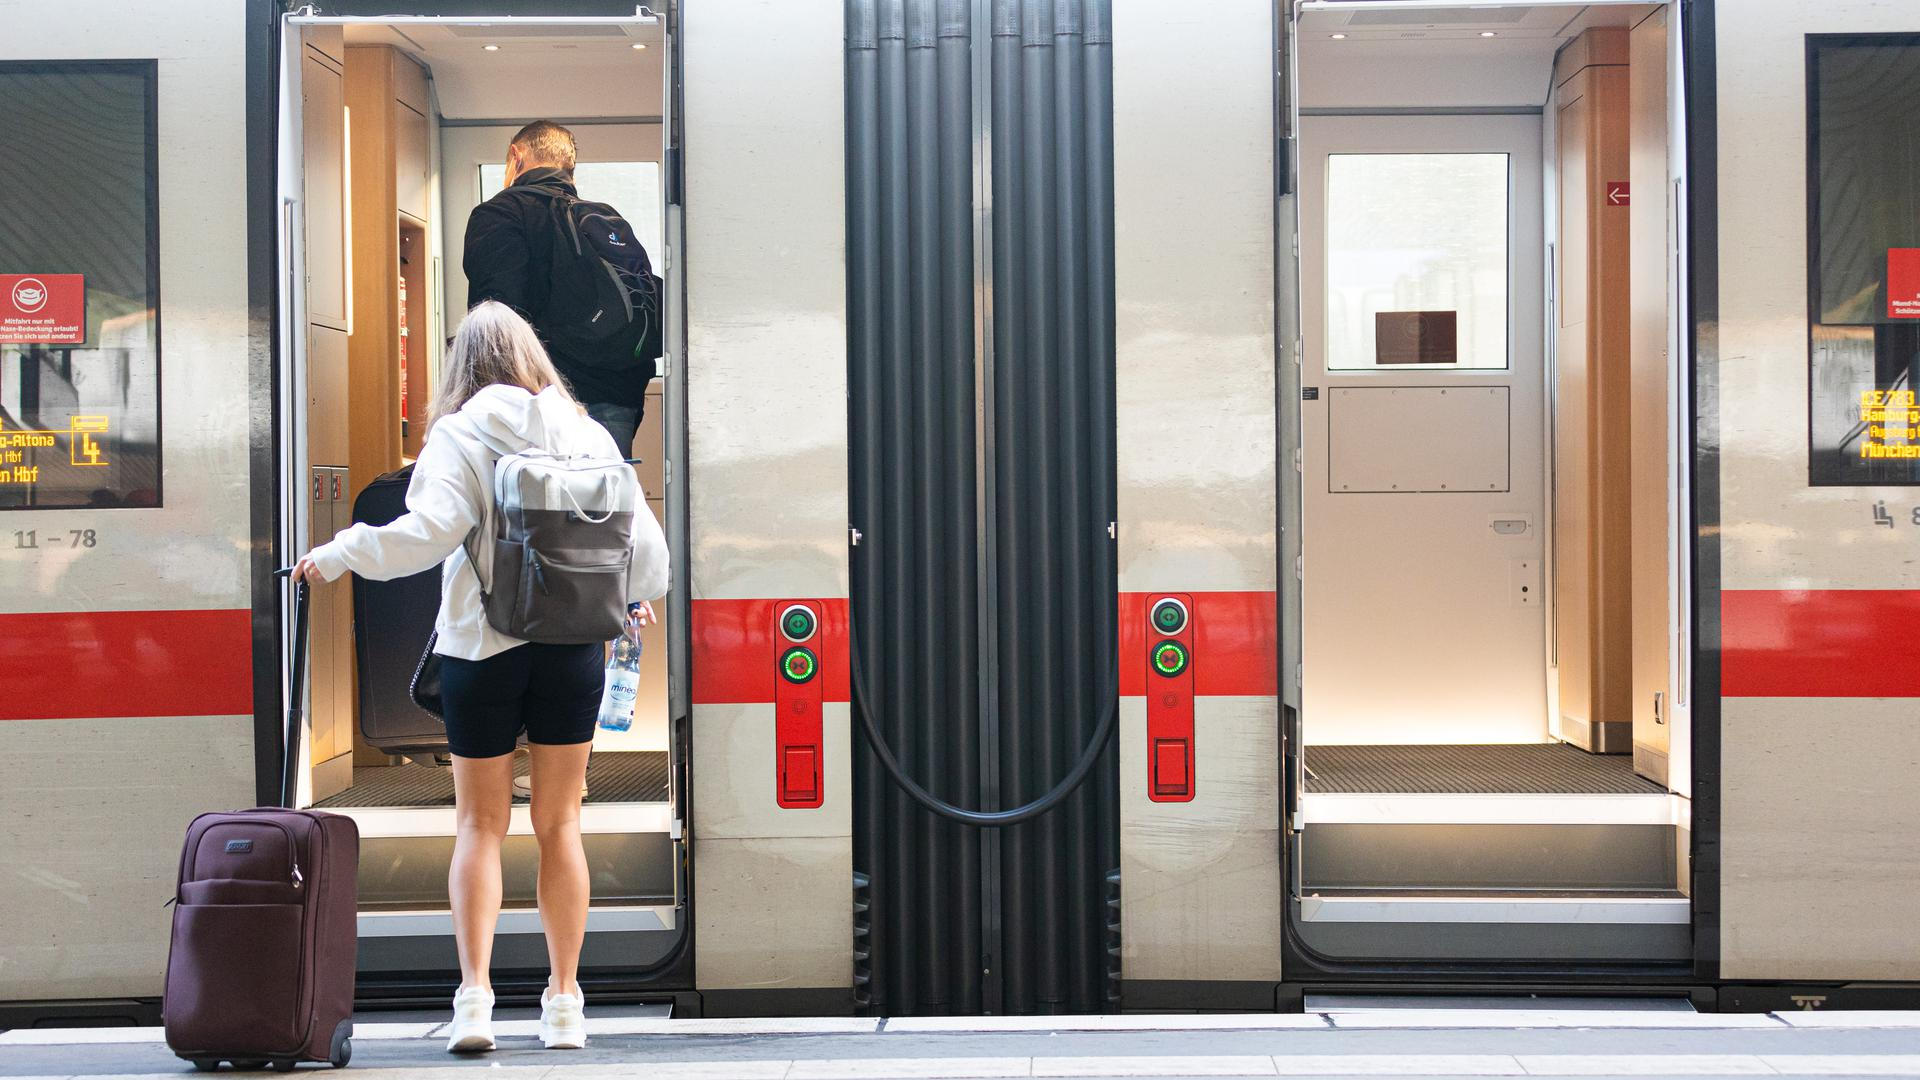 Zugverkehr nach Ende des GDL-Streiks wieder angelaufen